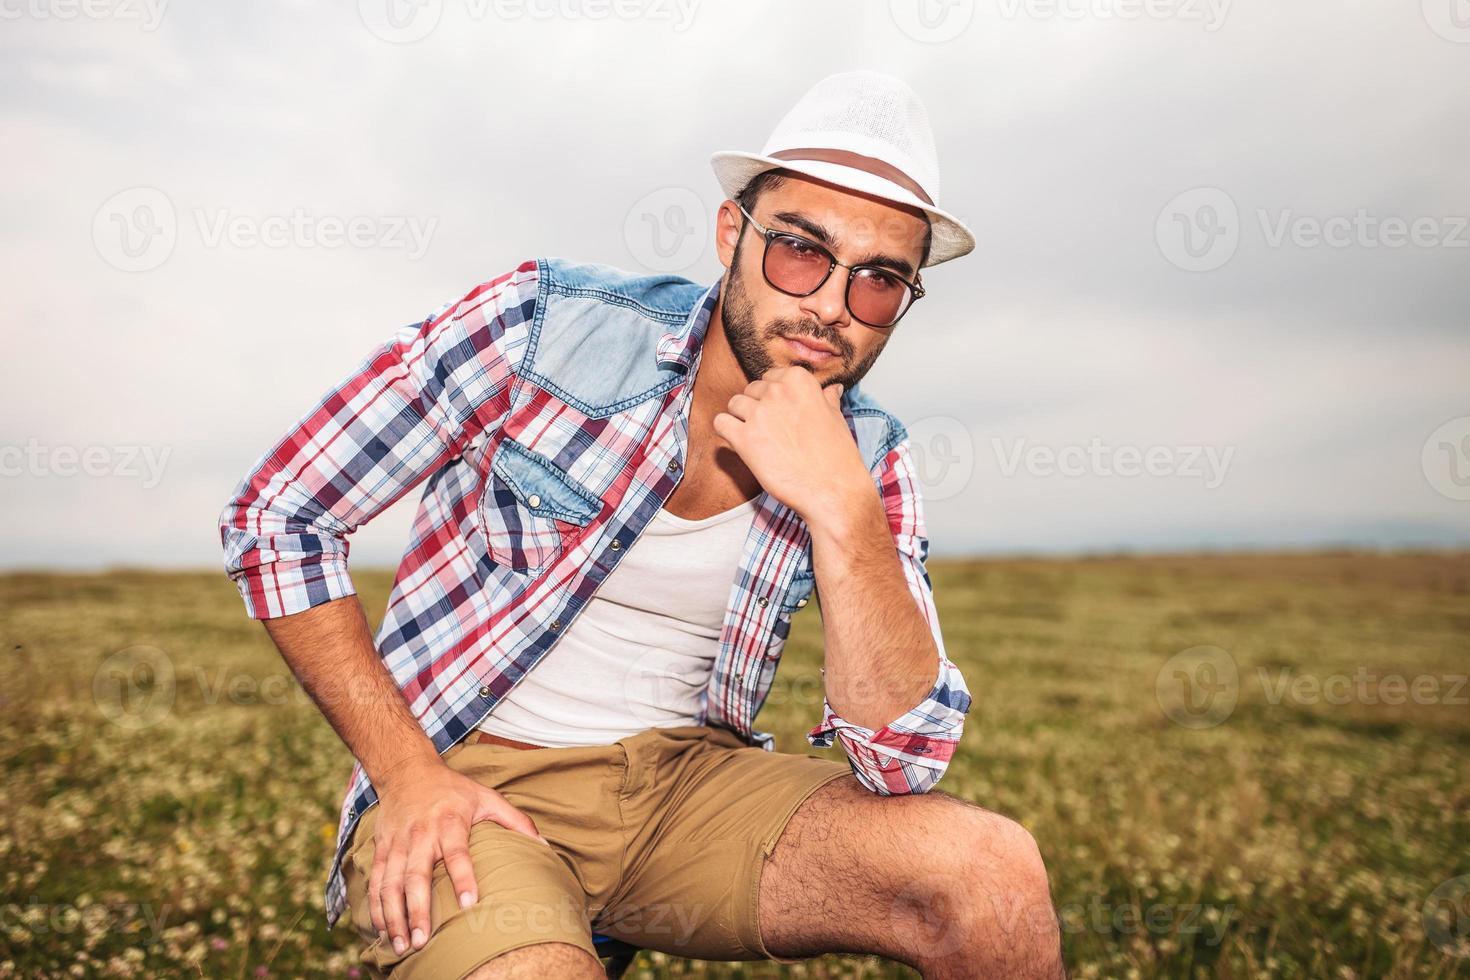 Mann mit Hut denkt, während er auf einem Stuhl sitzt foto